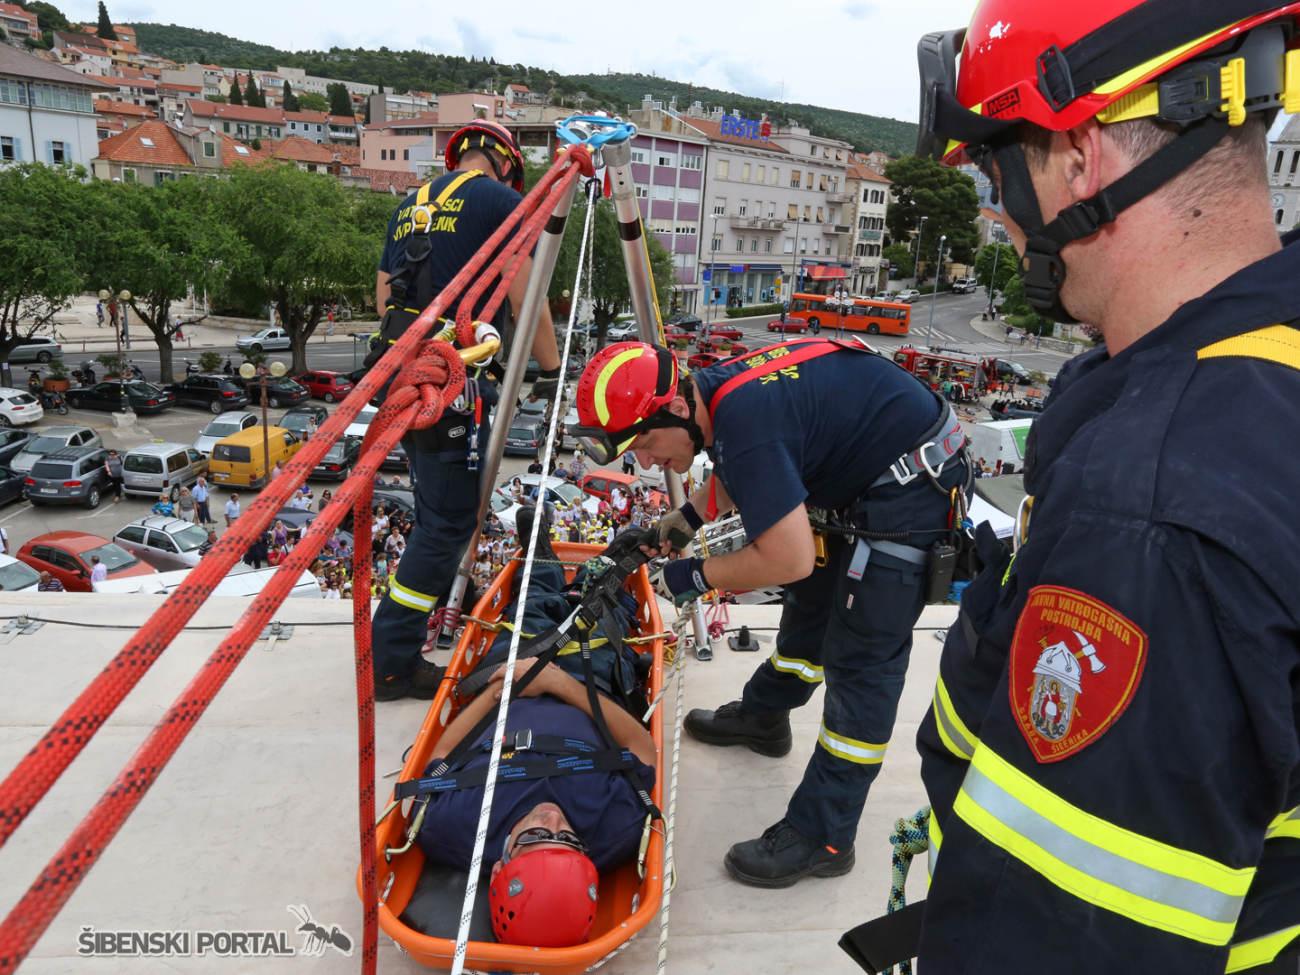 vatrogasci vjezba 010616 11